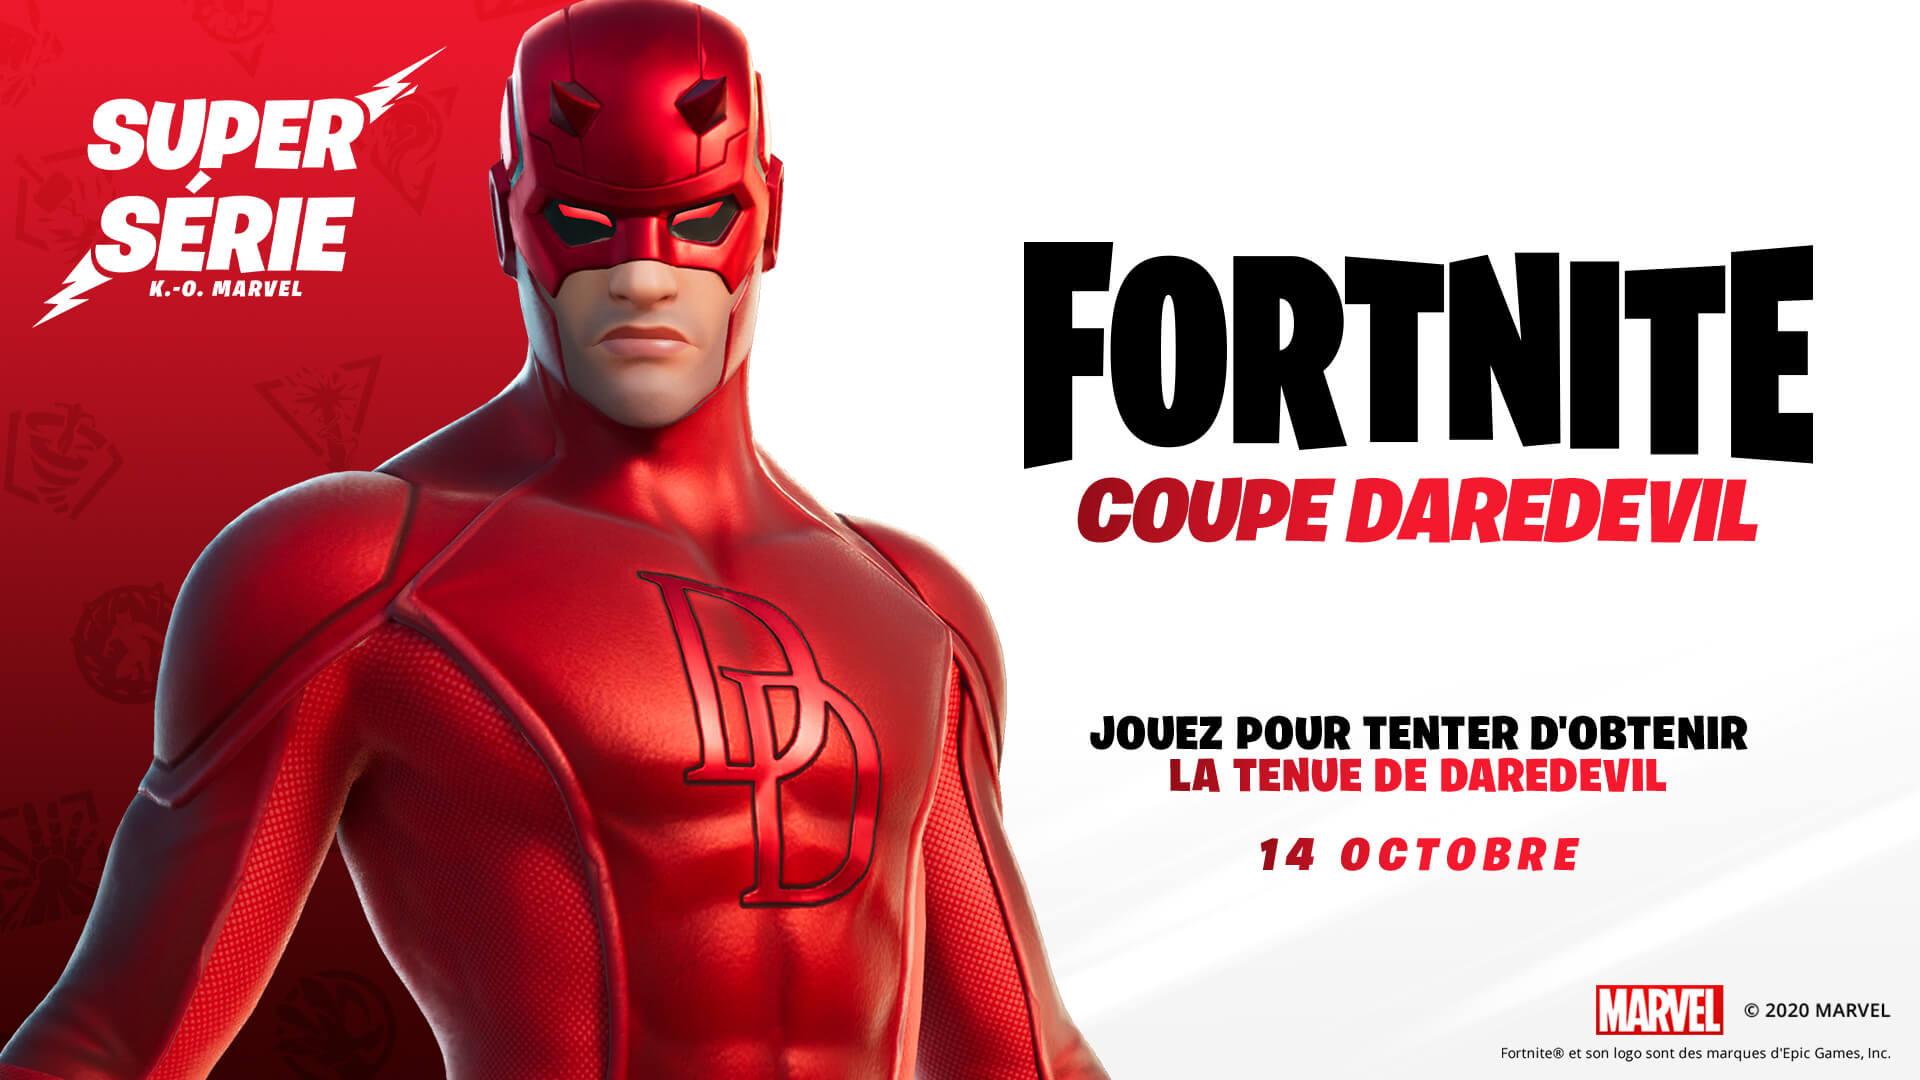 FR 14BR Competitive MarvelSuperSeries DaredevilCup Social